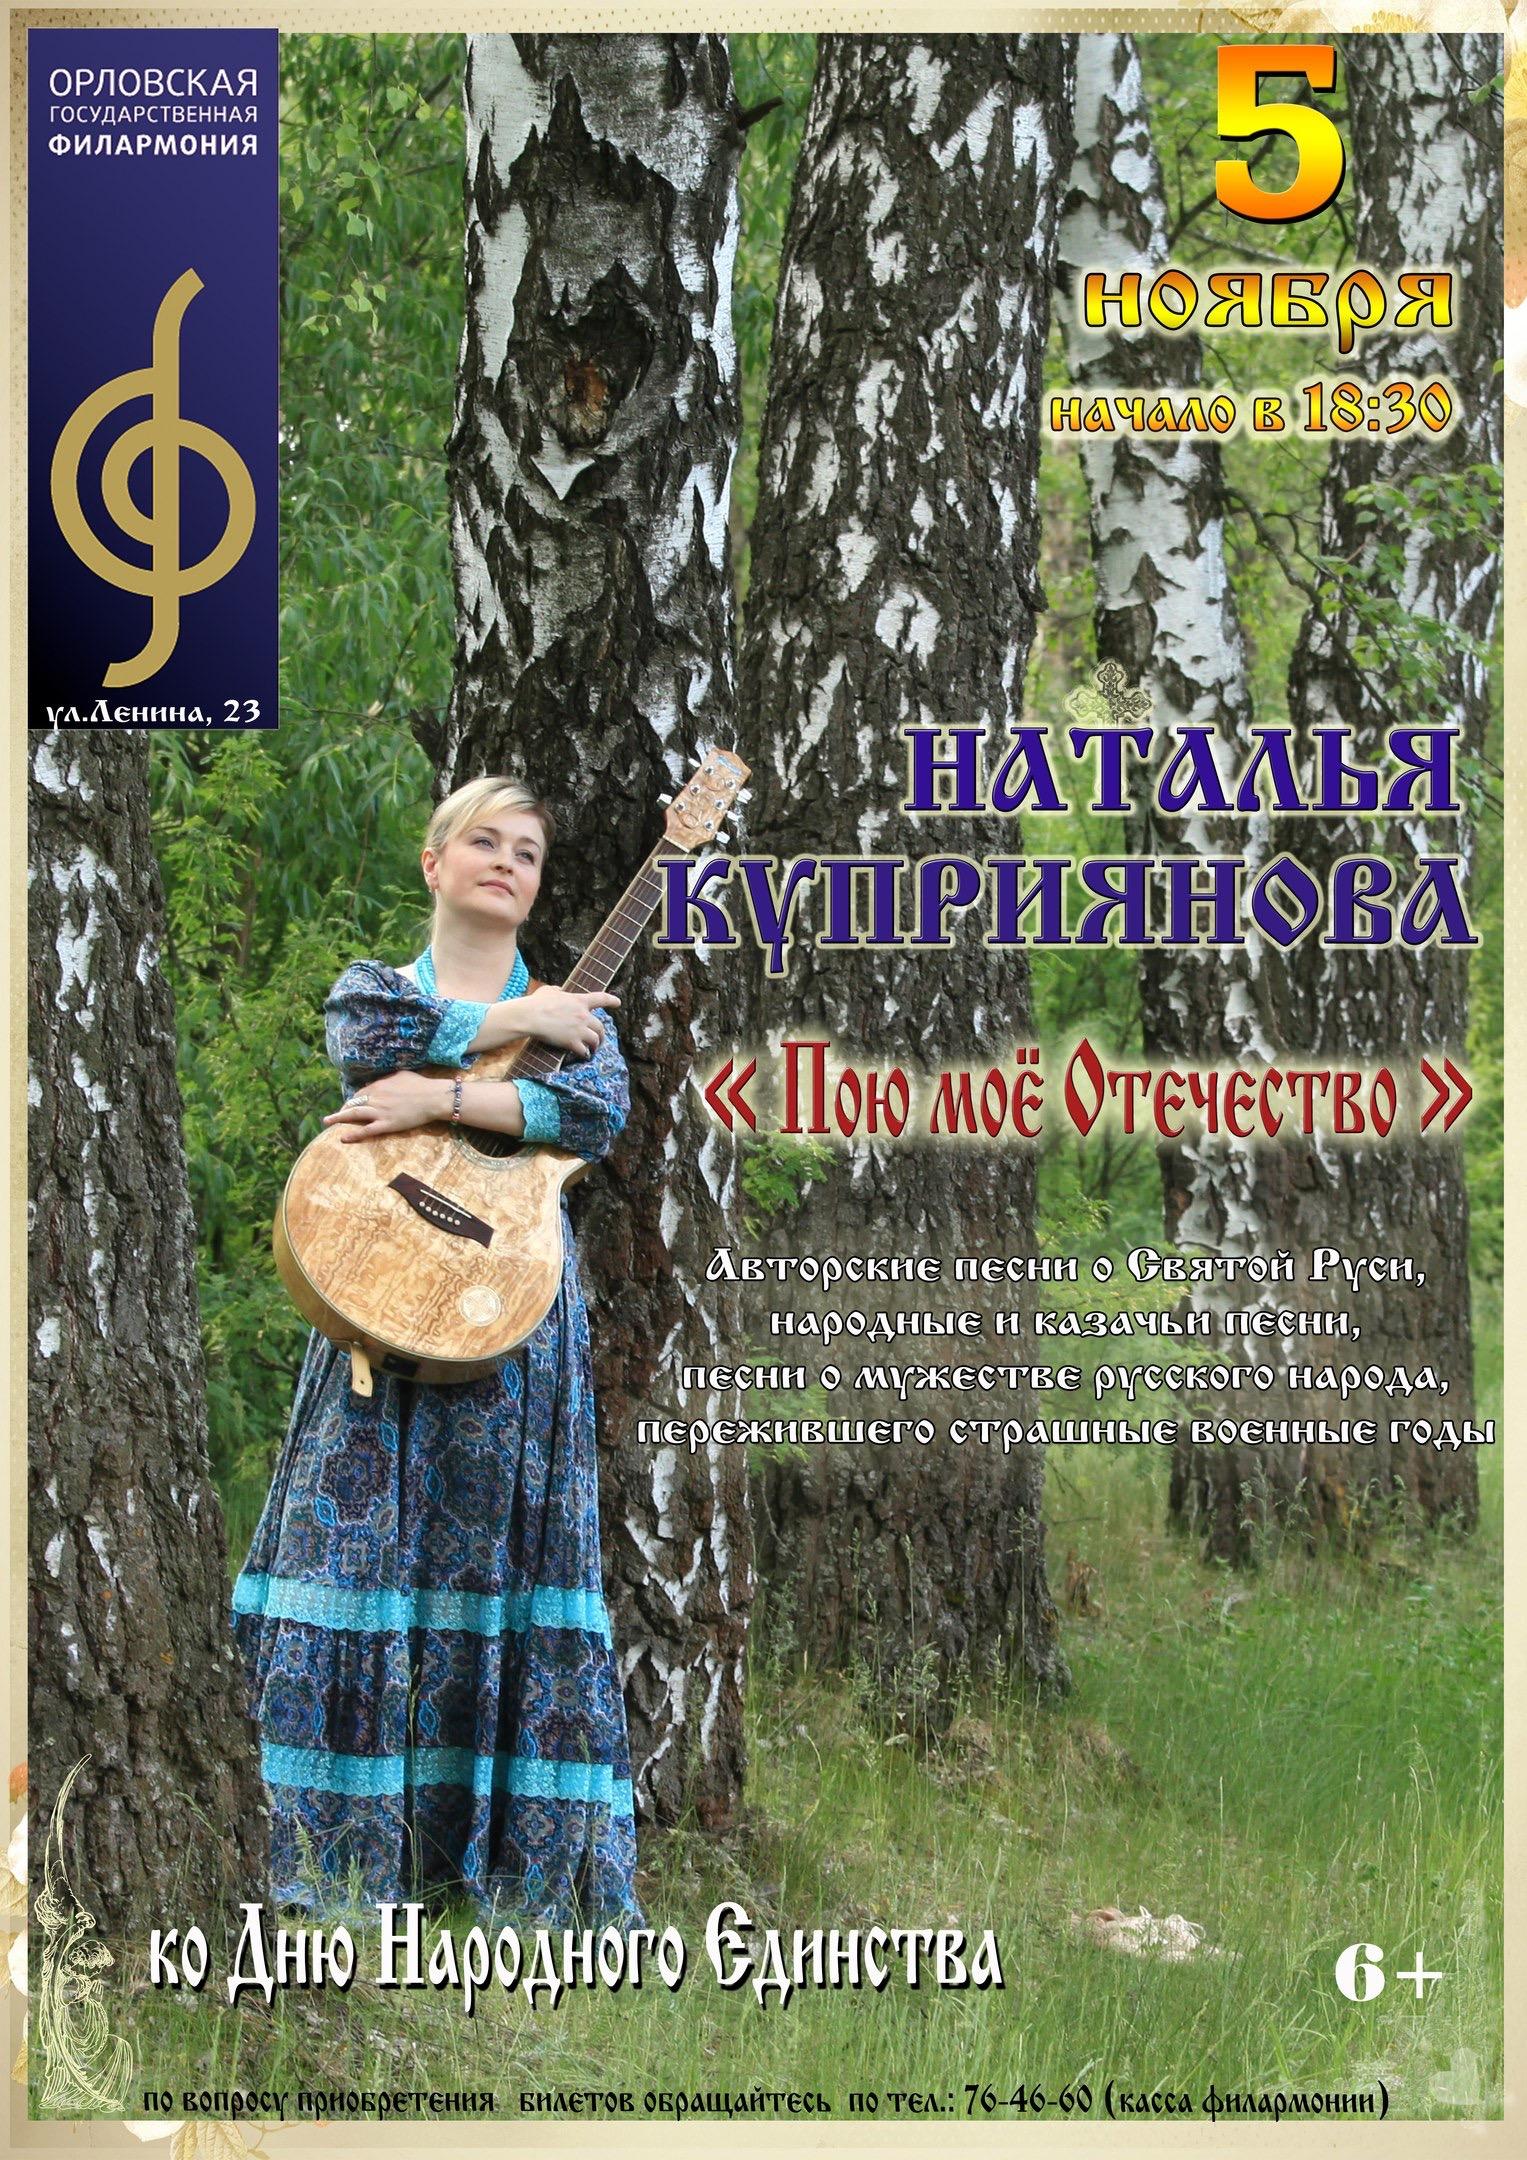 afisha_kupriyanova_05-11-16